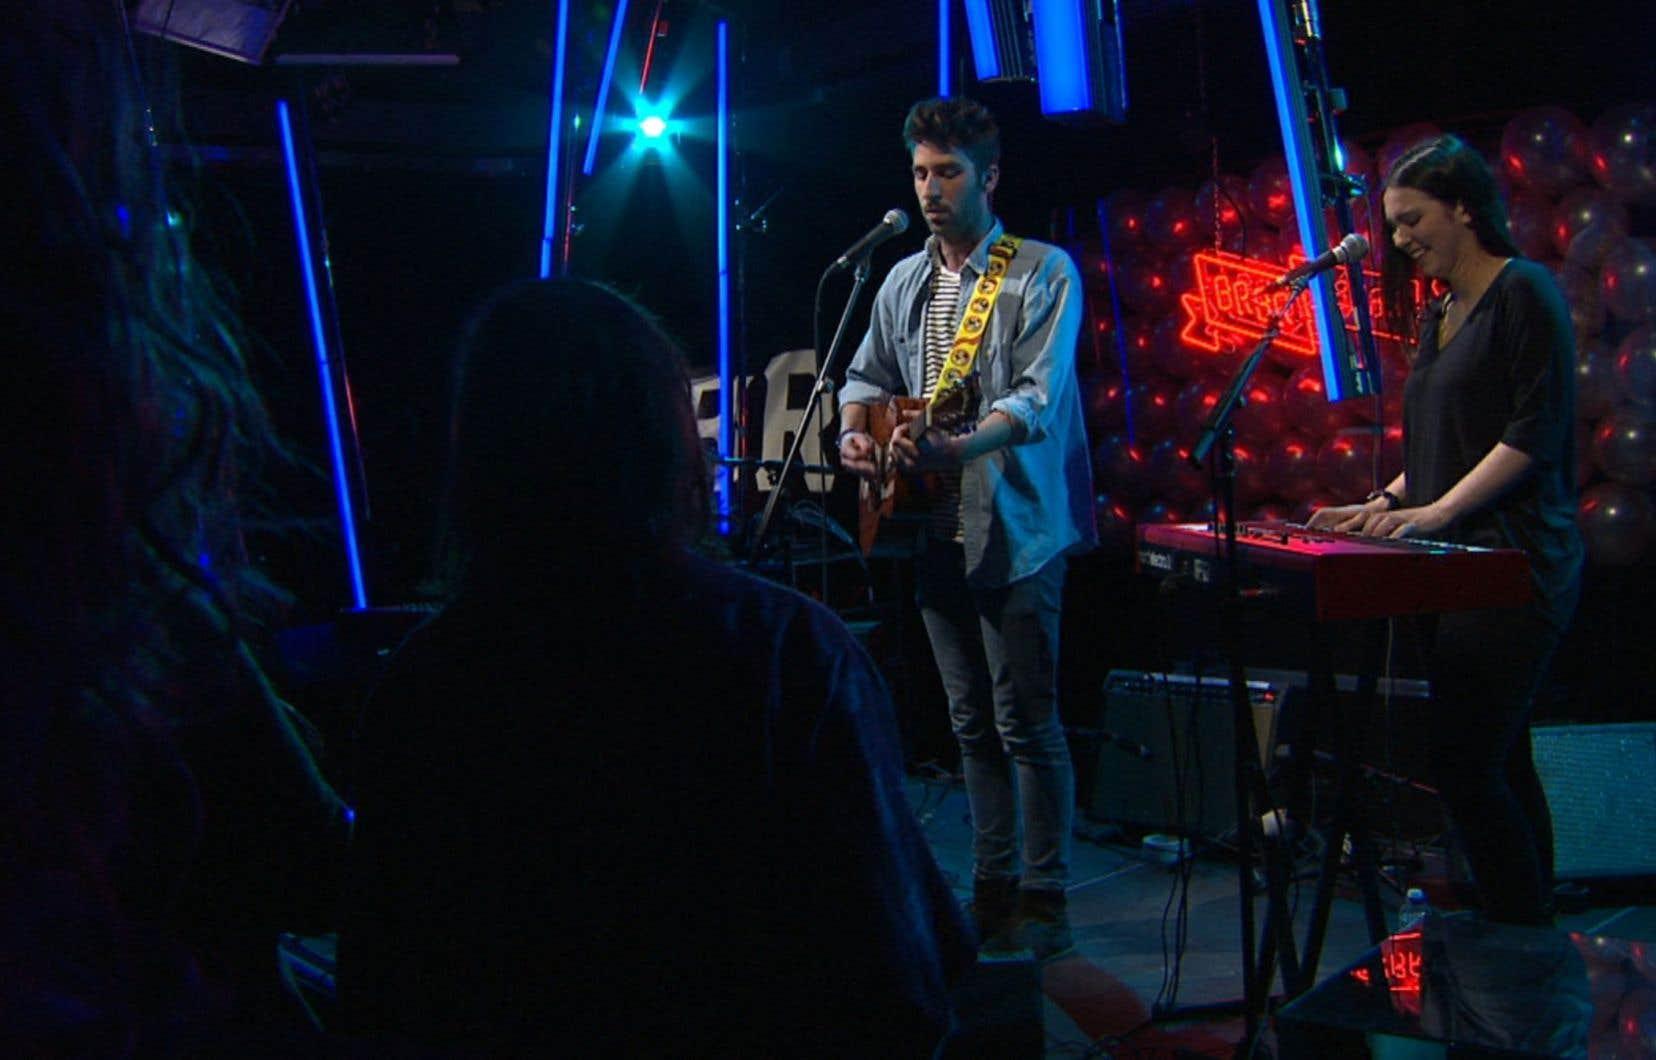 Reçu par l'équipe de BRBR, David Giguère s'est avoué très étonné de pouvoir chanter en français à Toronto.